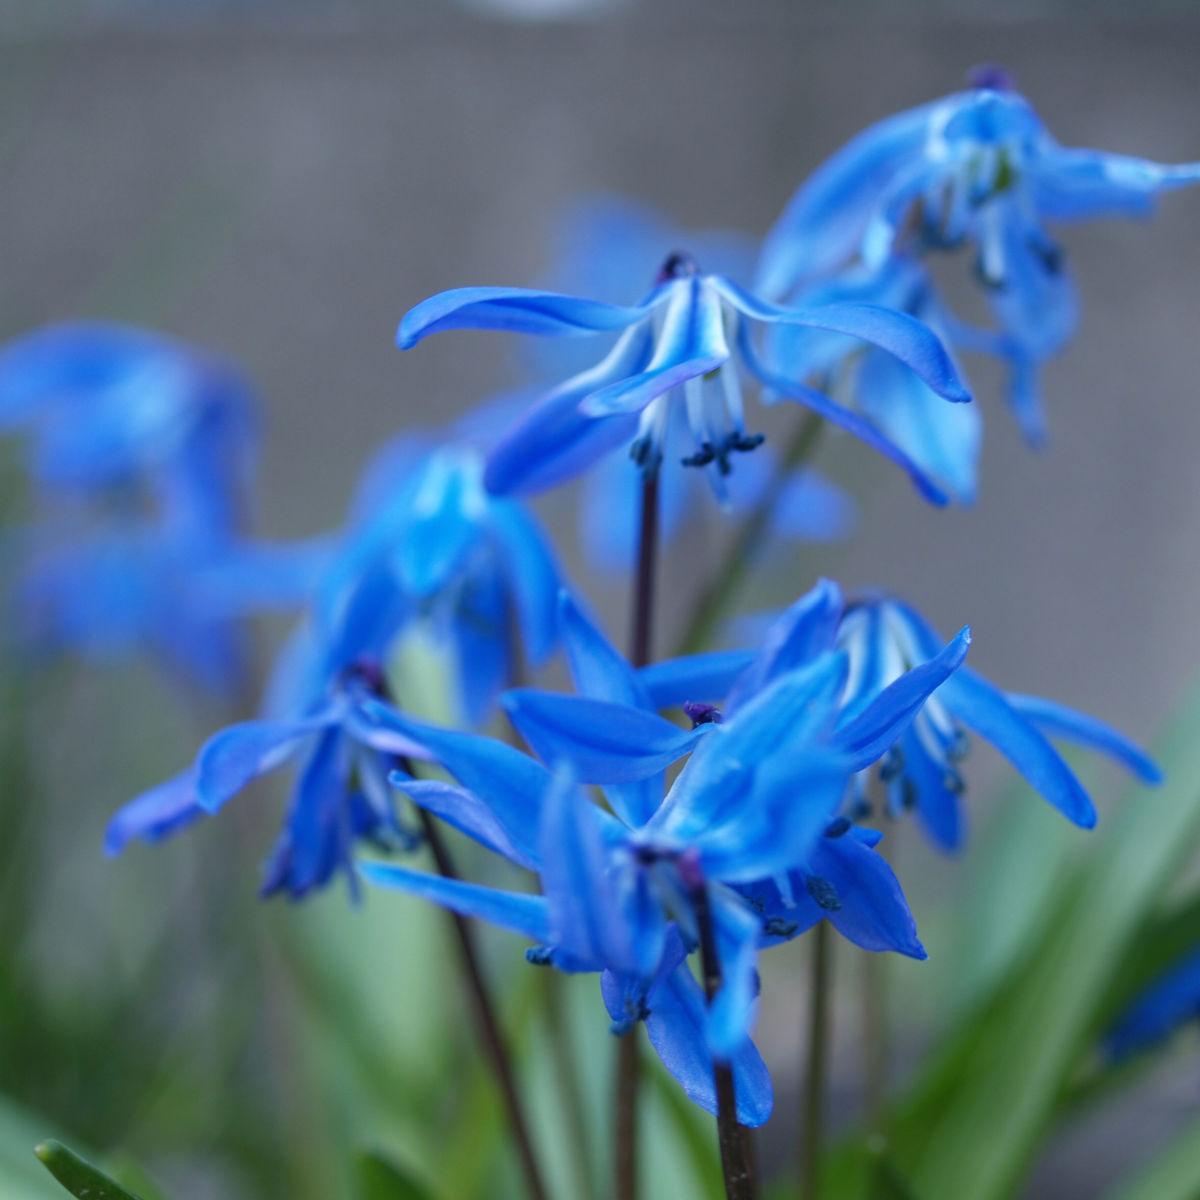 Sibirischer Blaustern Nickender Blaustern Bluete blau Scilla siberica